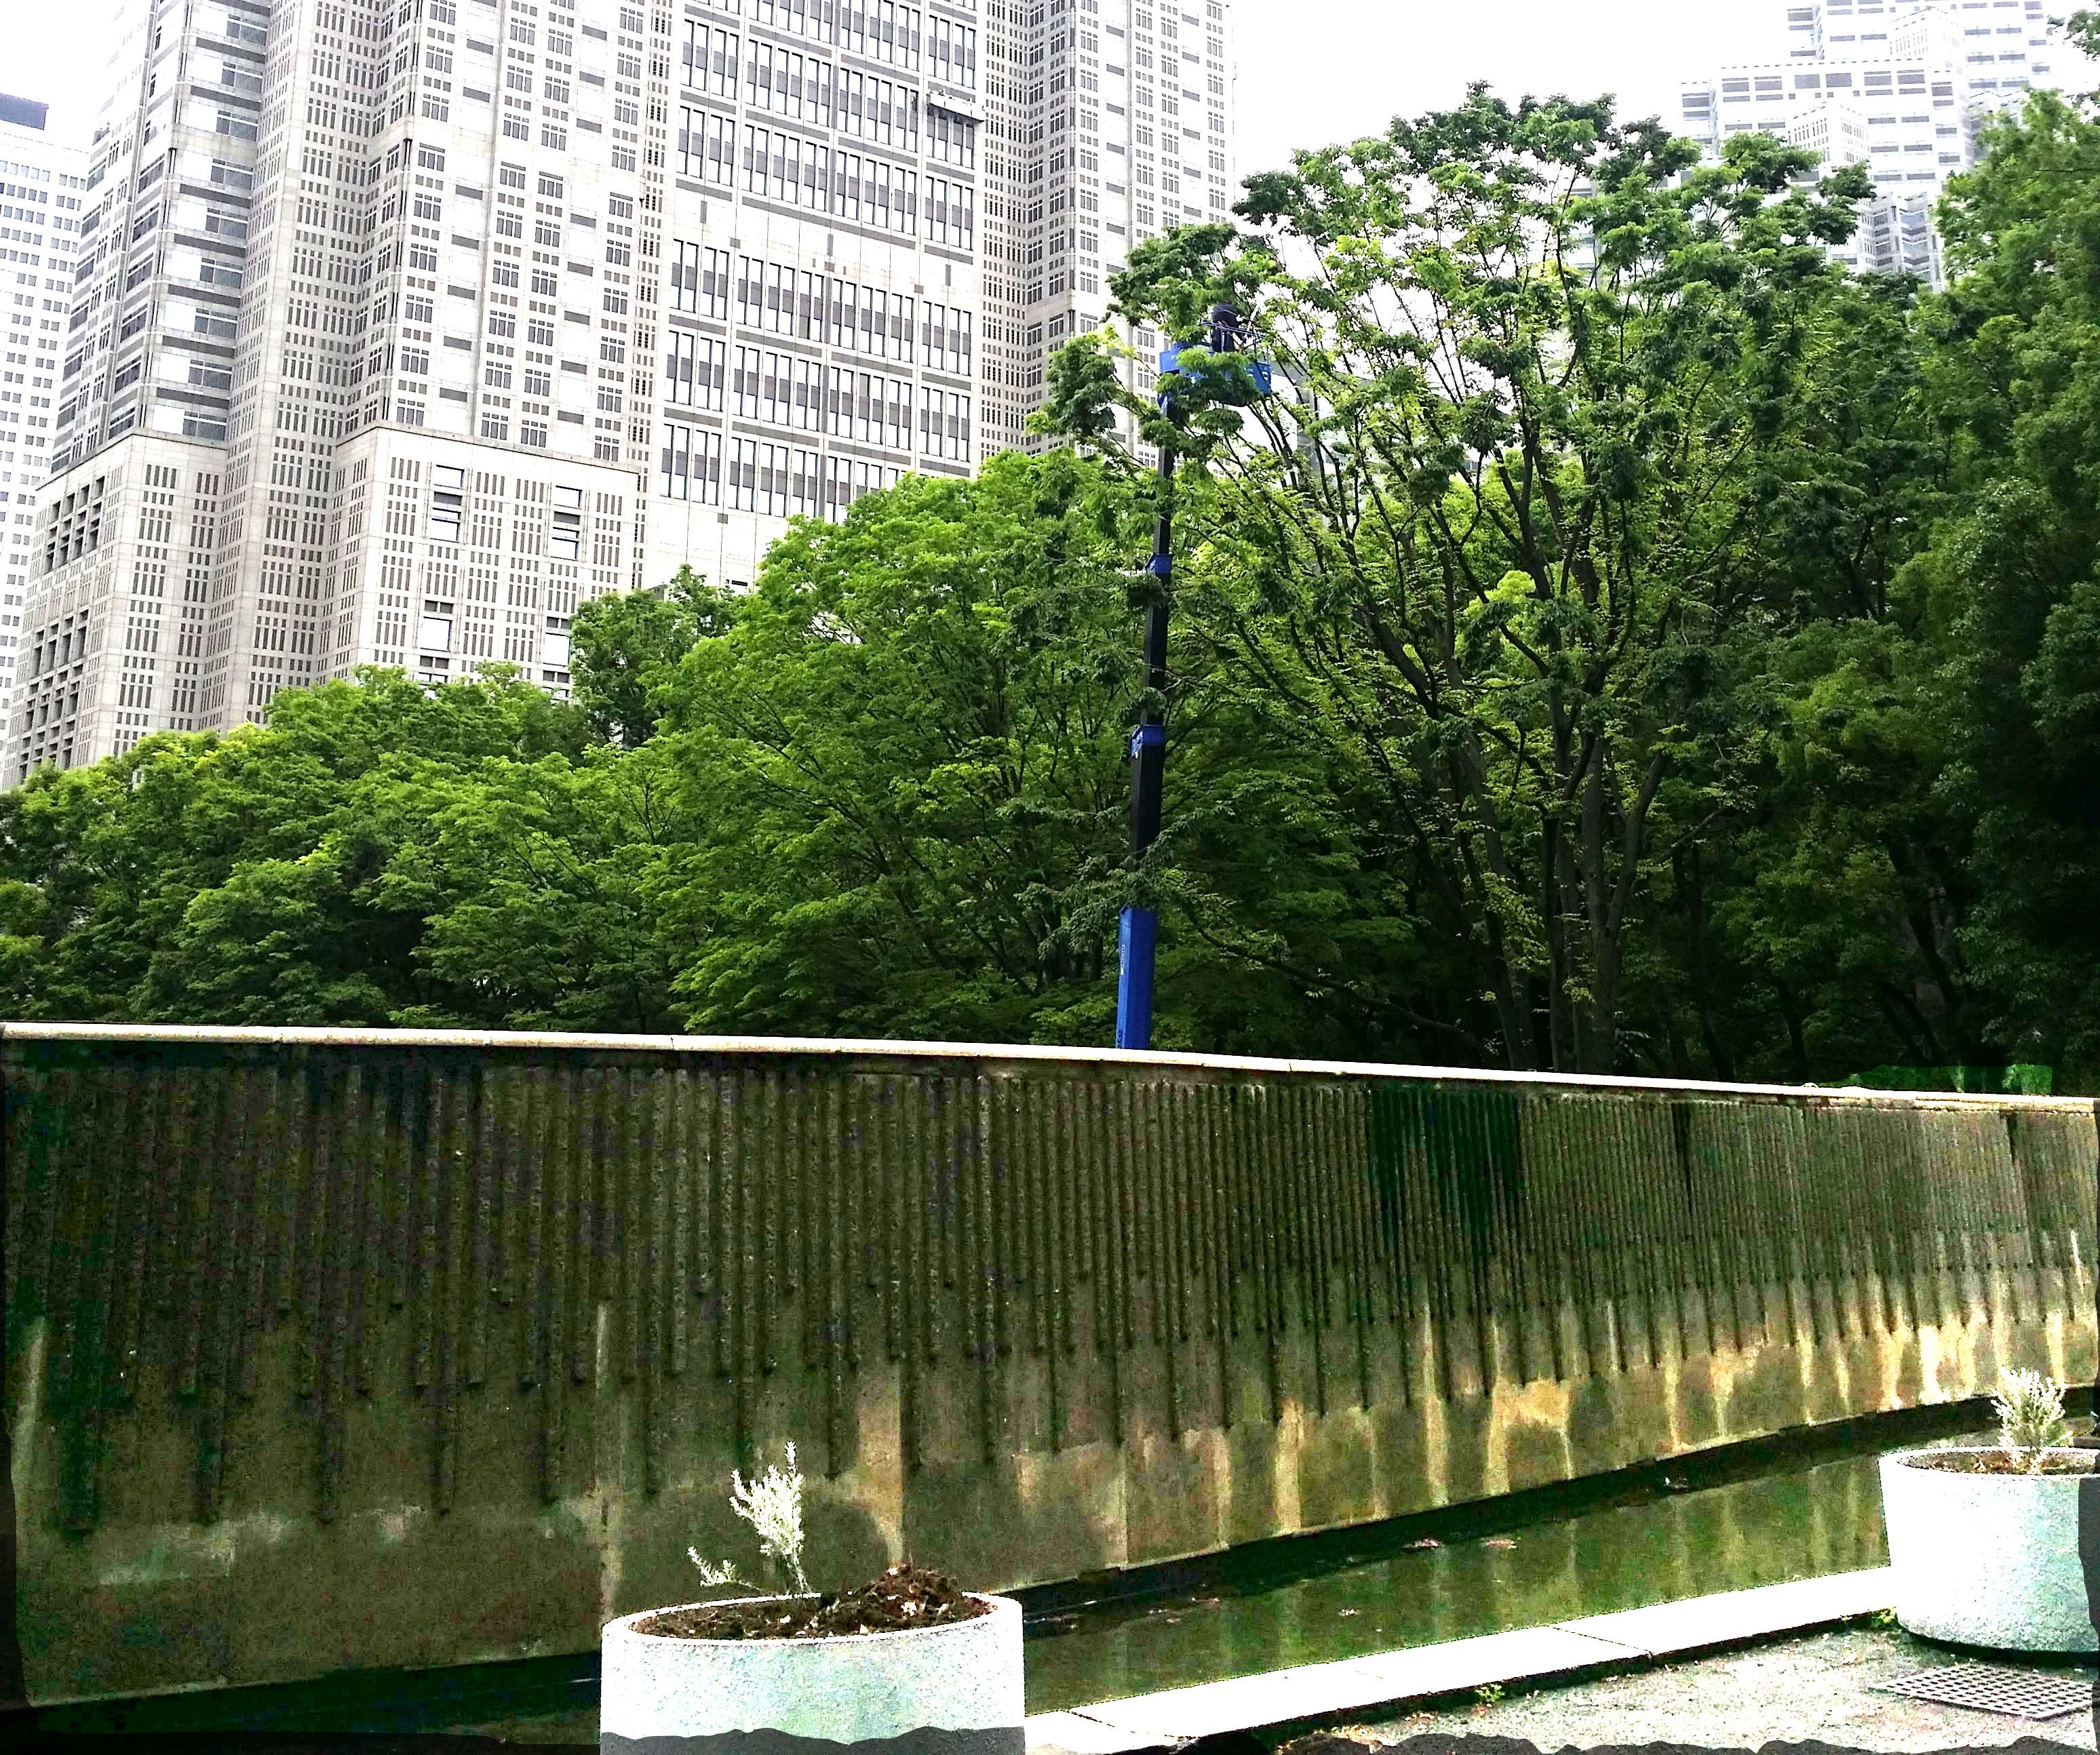 2020年5月22日 新宿中央公園